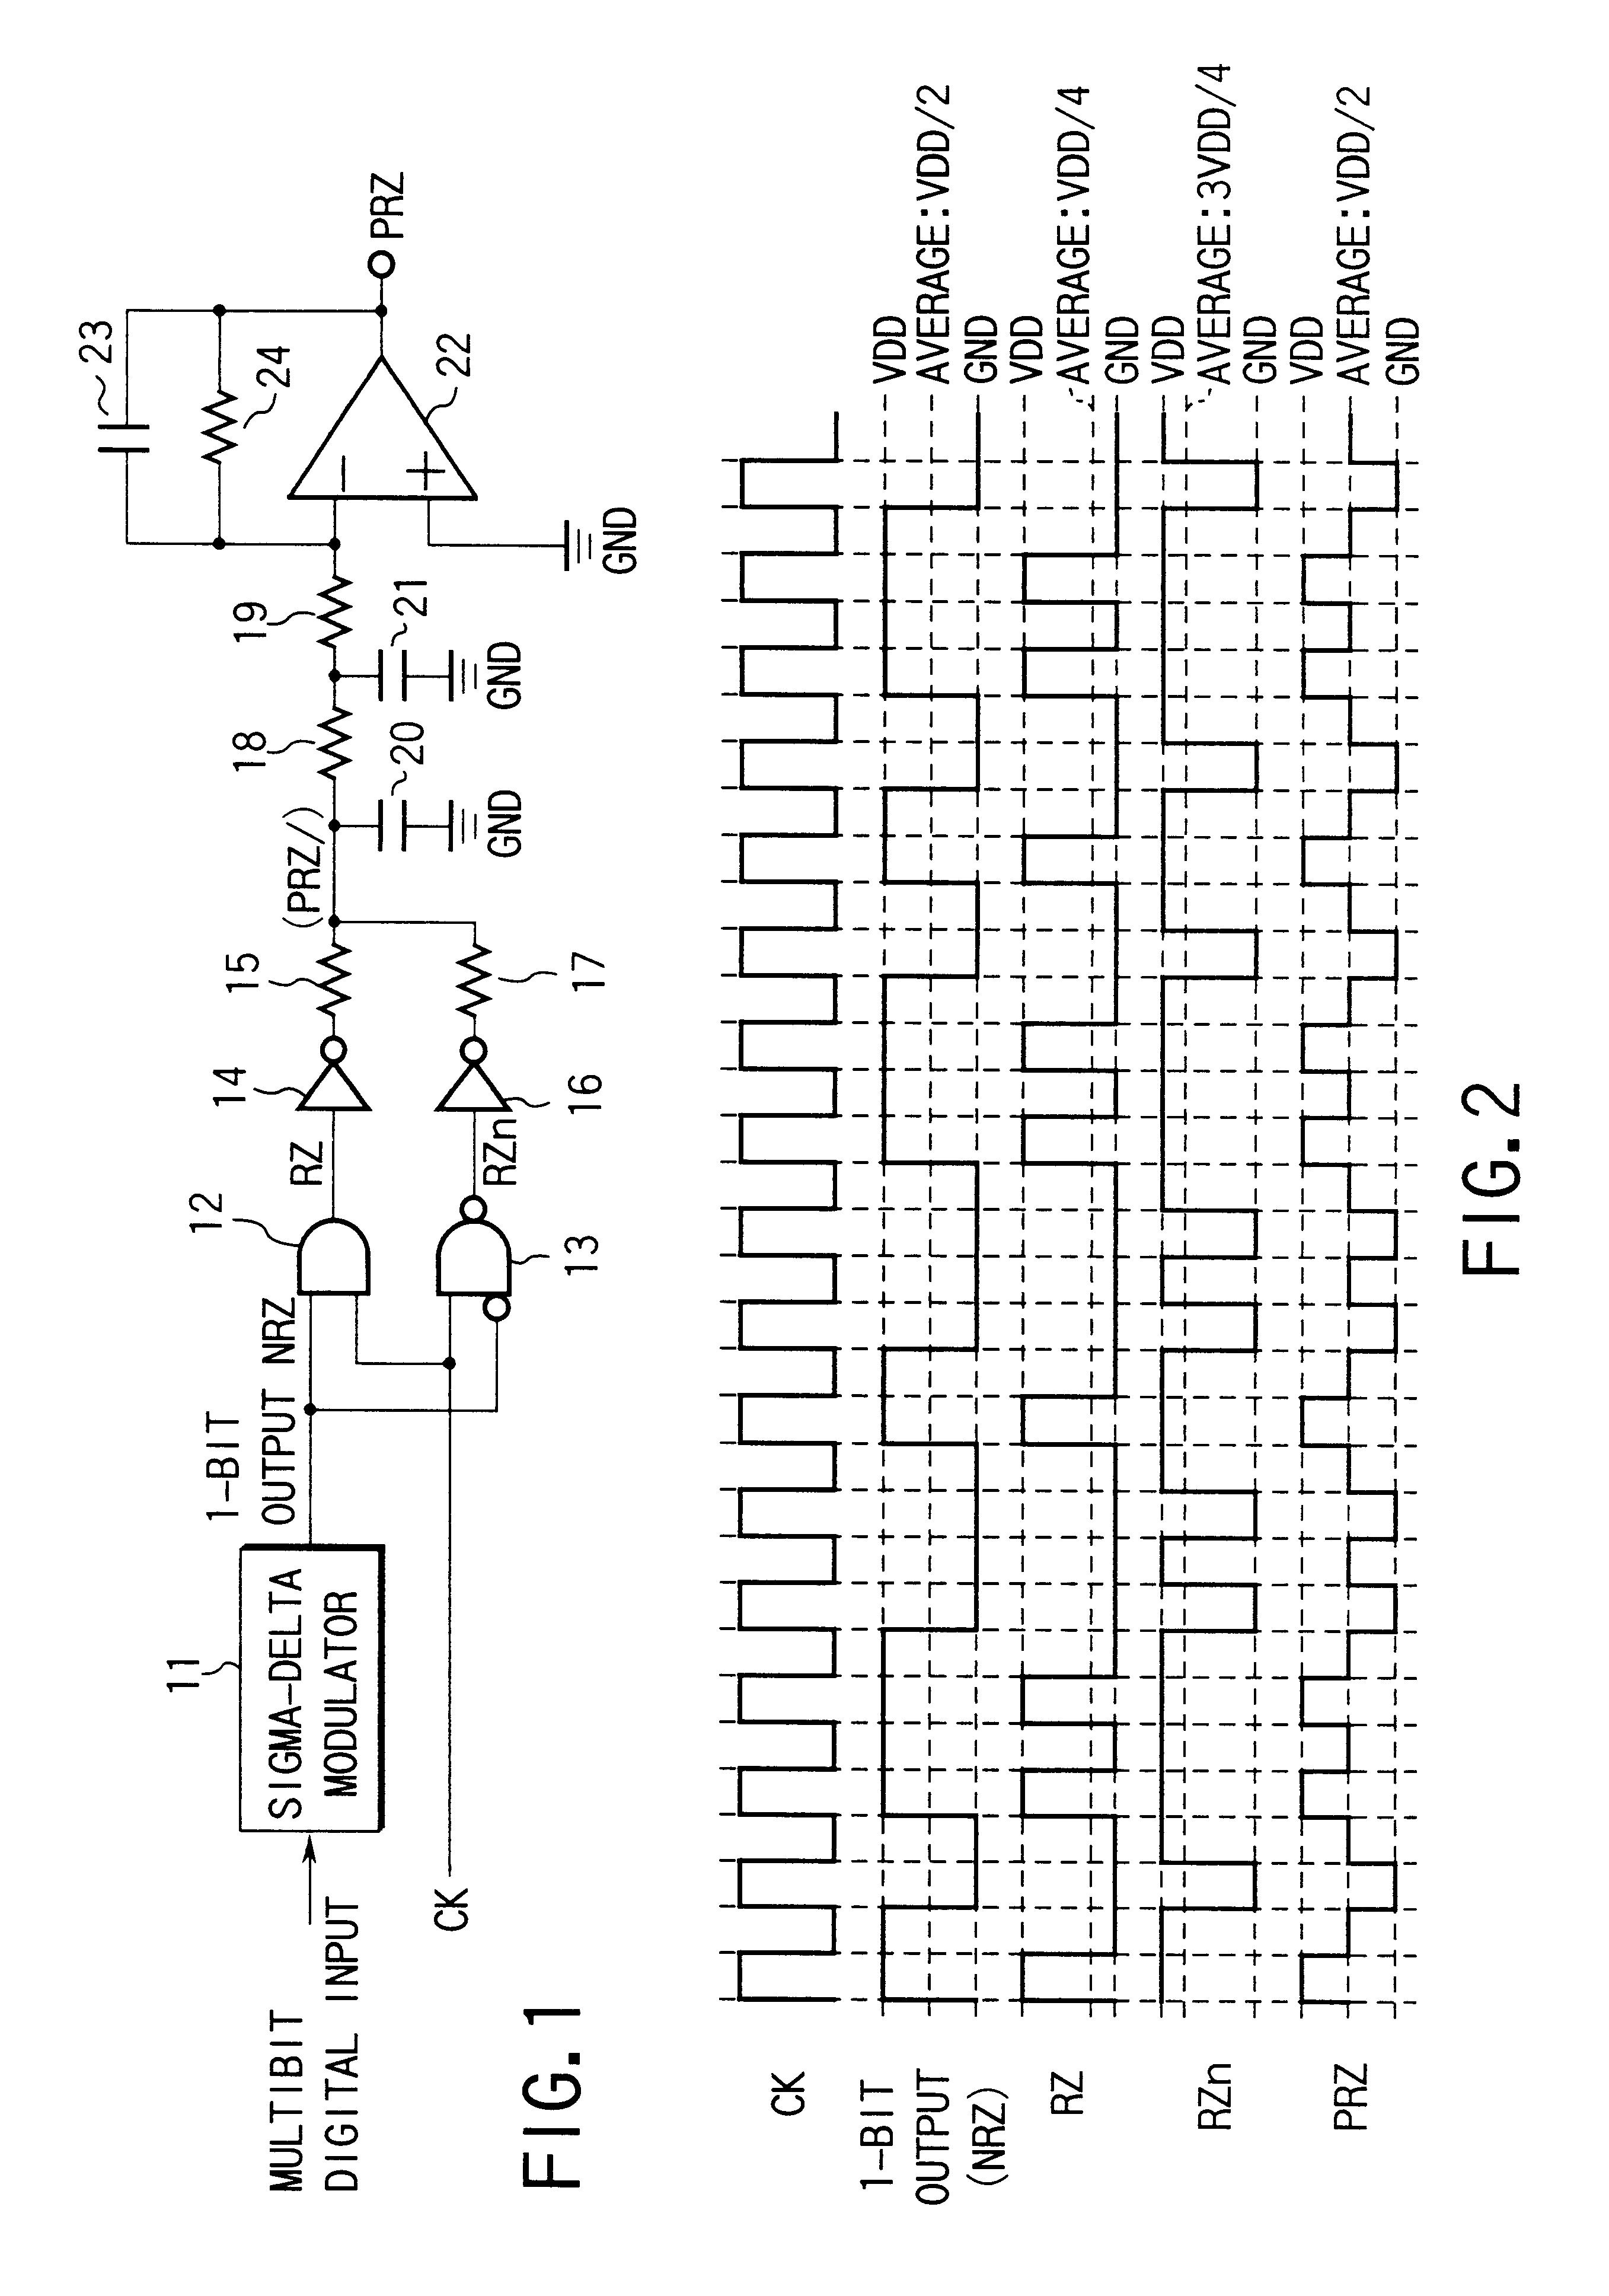 patent us6204789